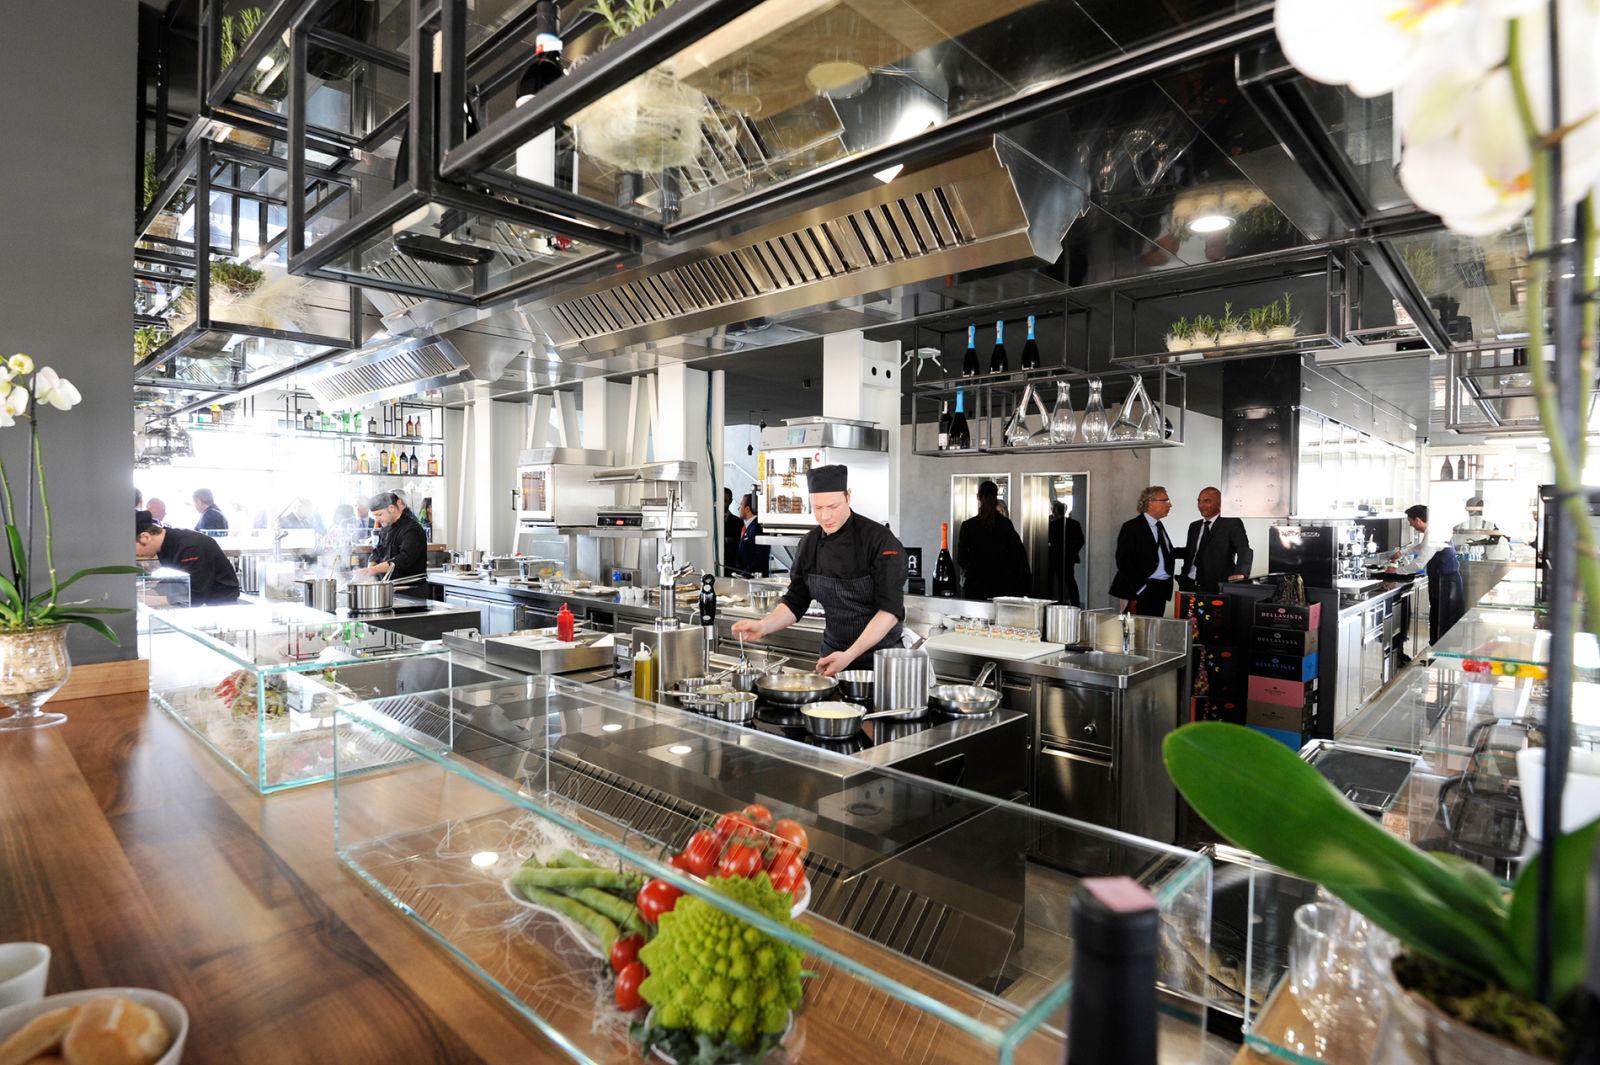 Cucina americana milano simple masterchef il della nona puntata la cucina americana elimina - Cucina americana milano ...